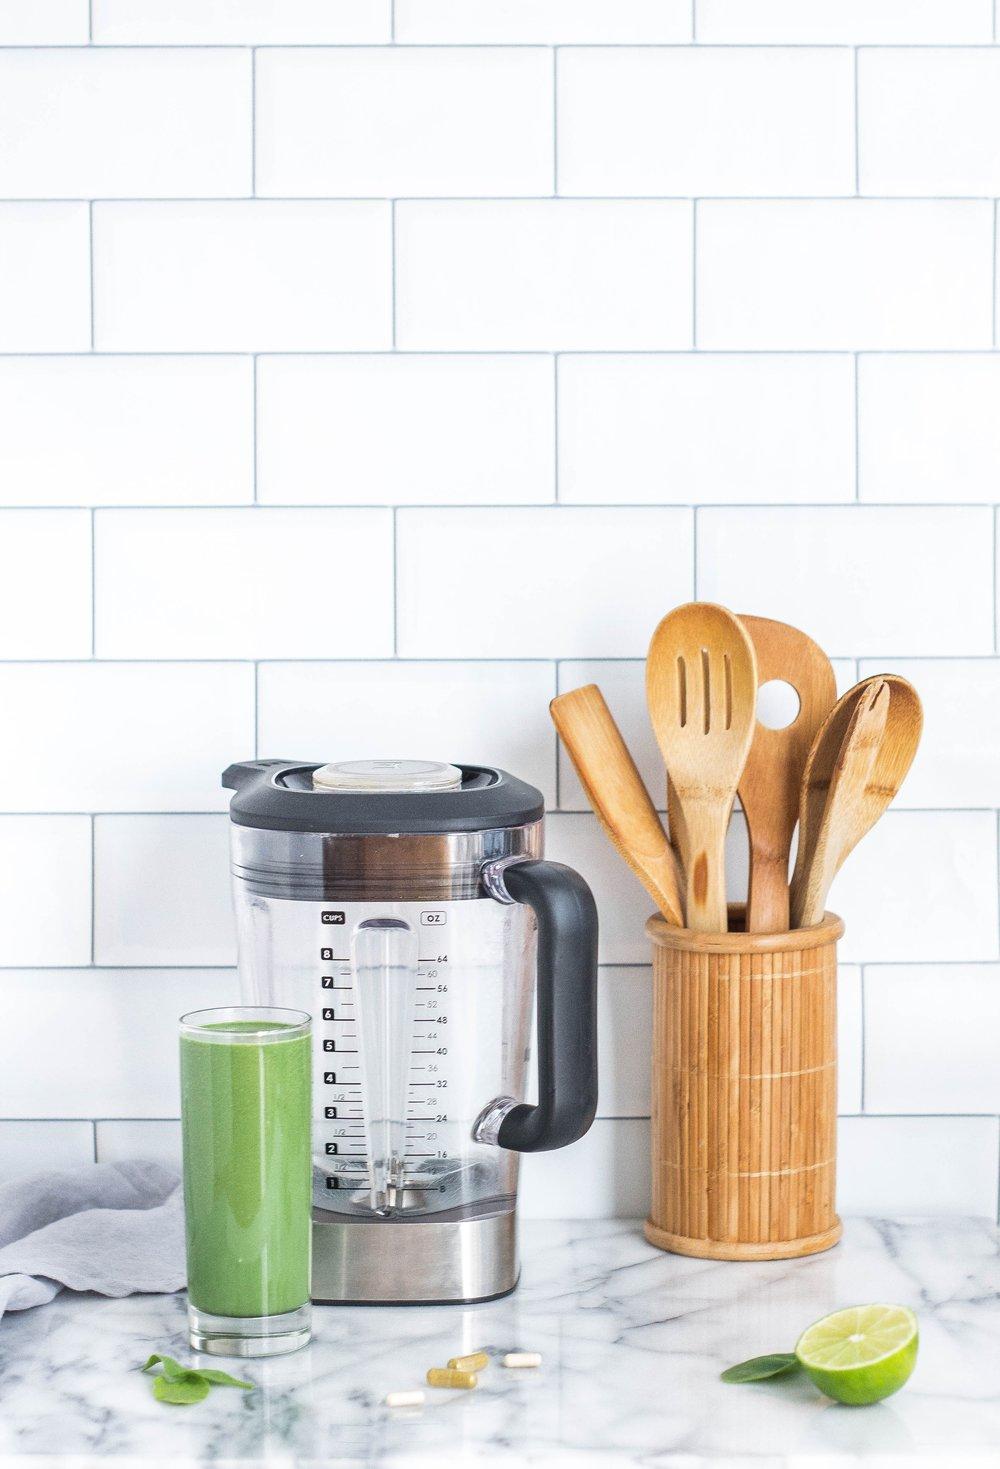 BC_kitchensupplies1.jpg